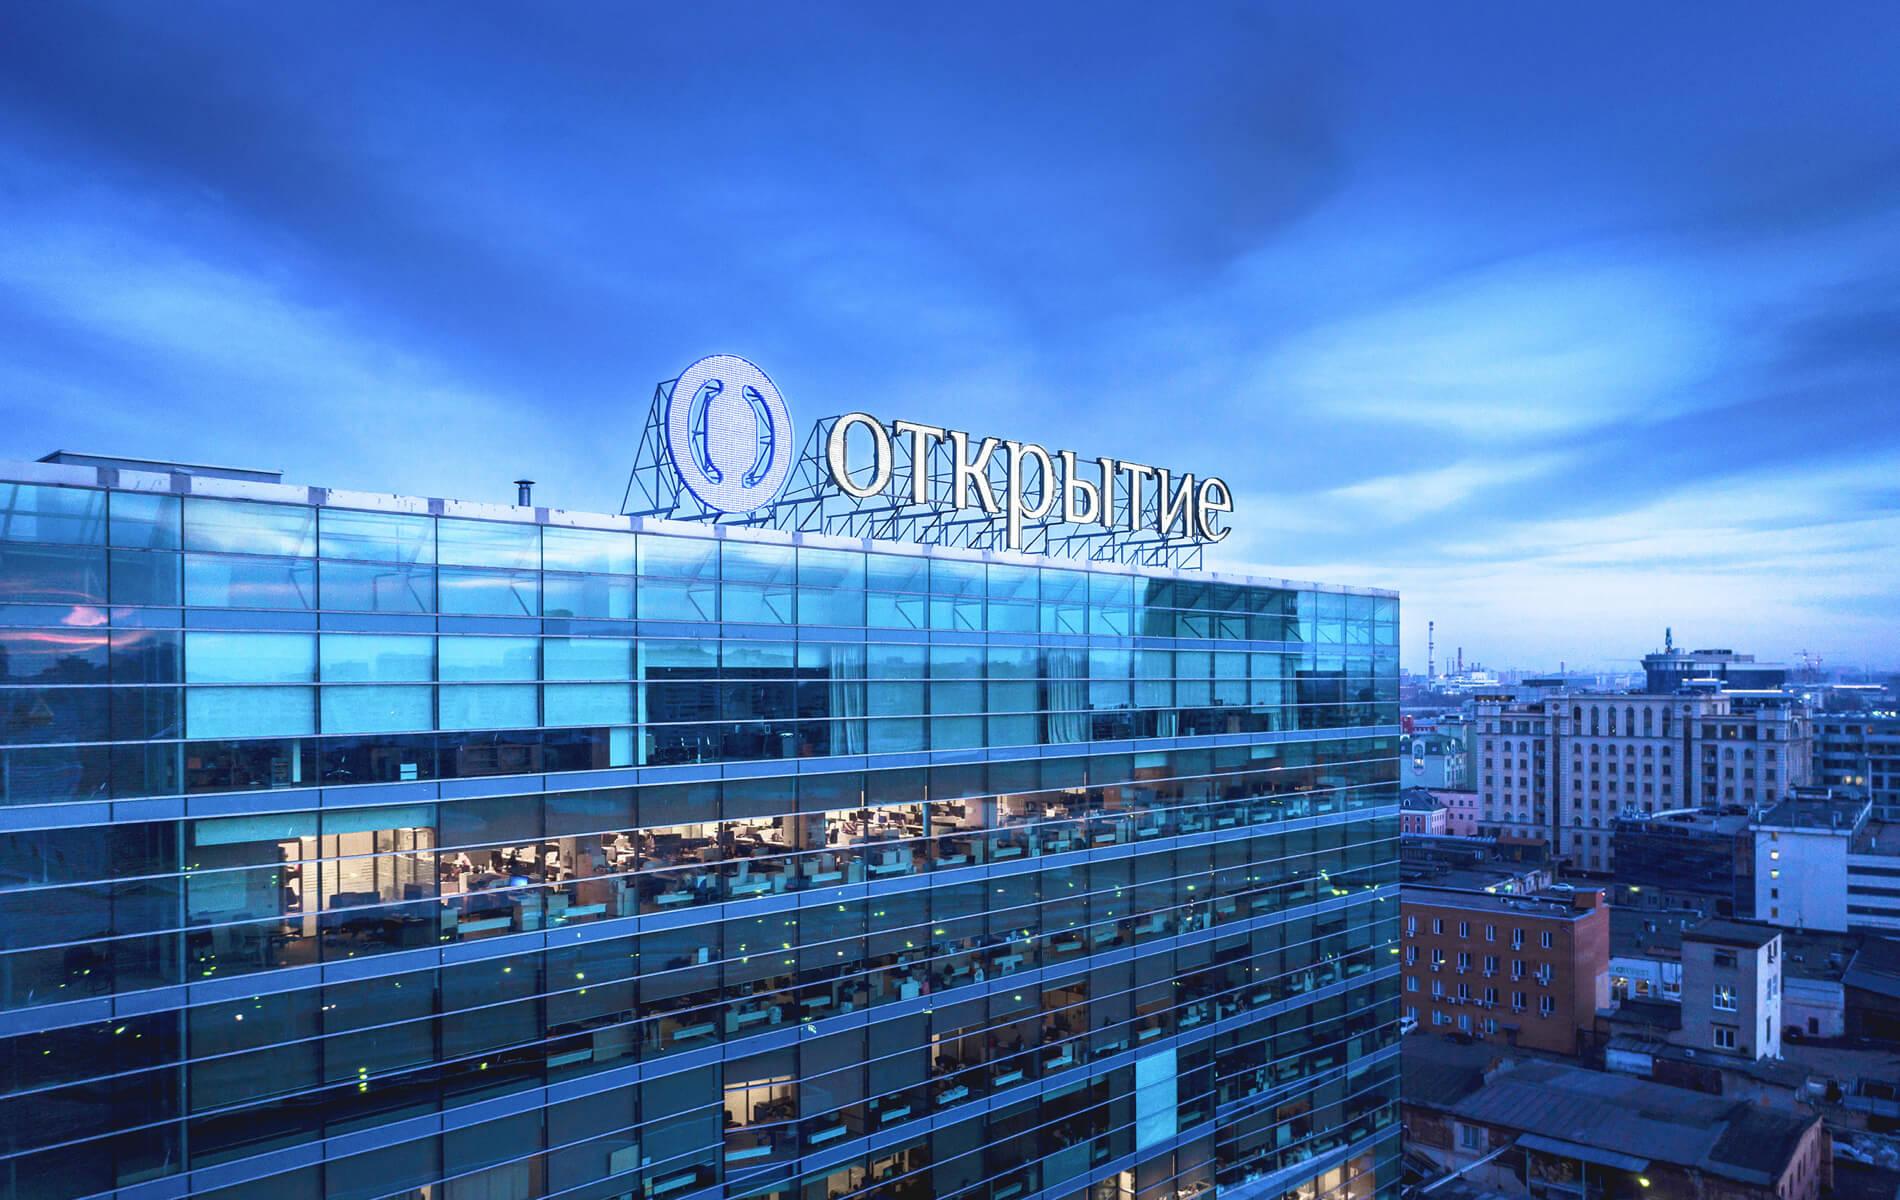 Банк «Открытие»: корпоративное кредитование в России растет максимальными темпами за два года, несмотря на коронавирус